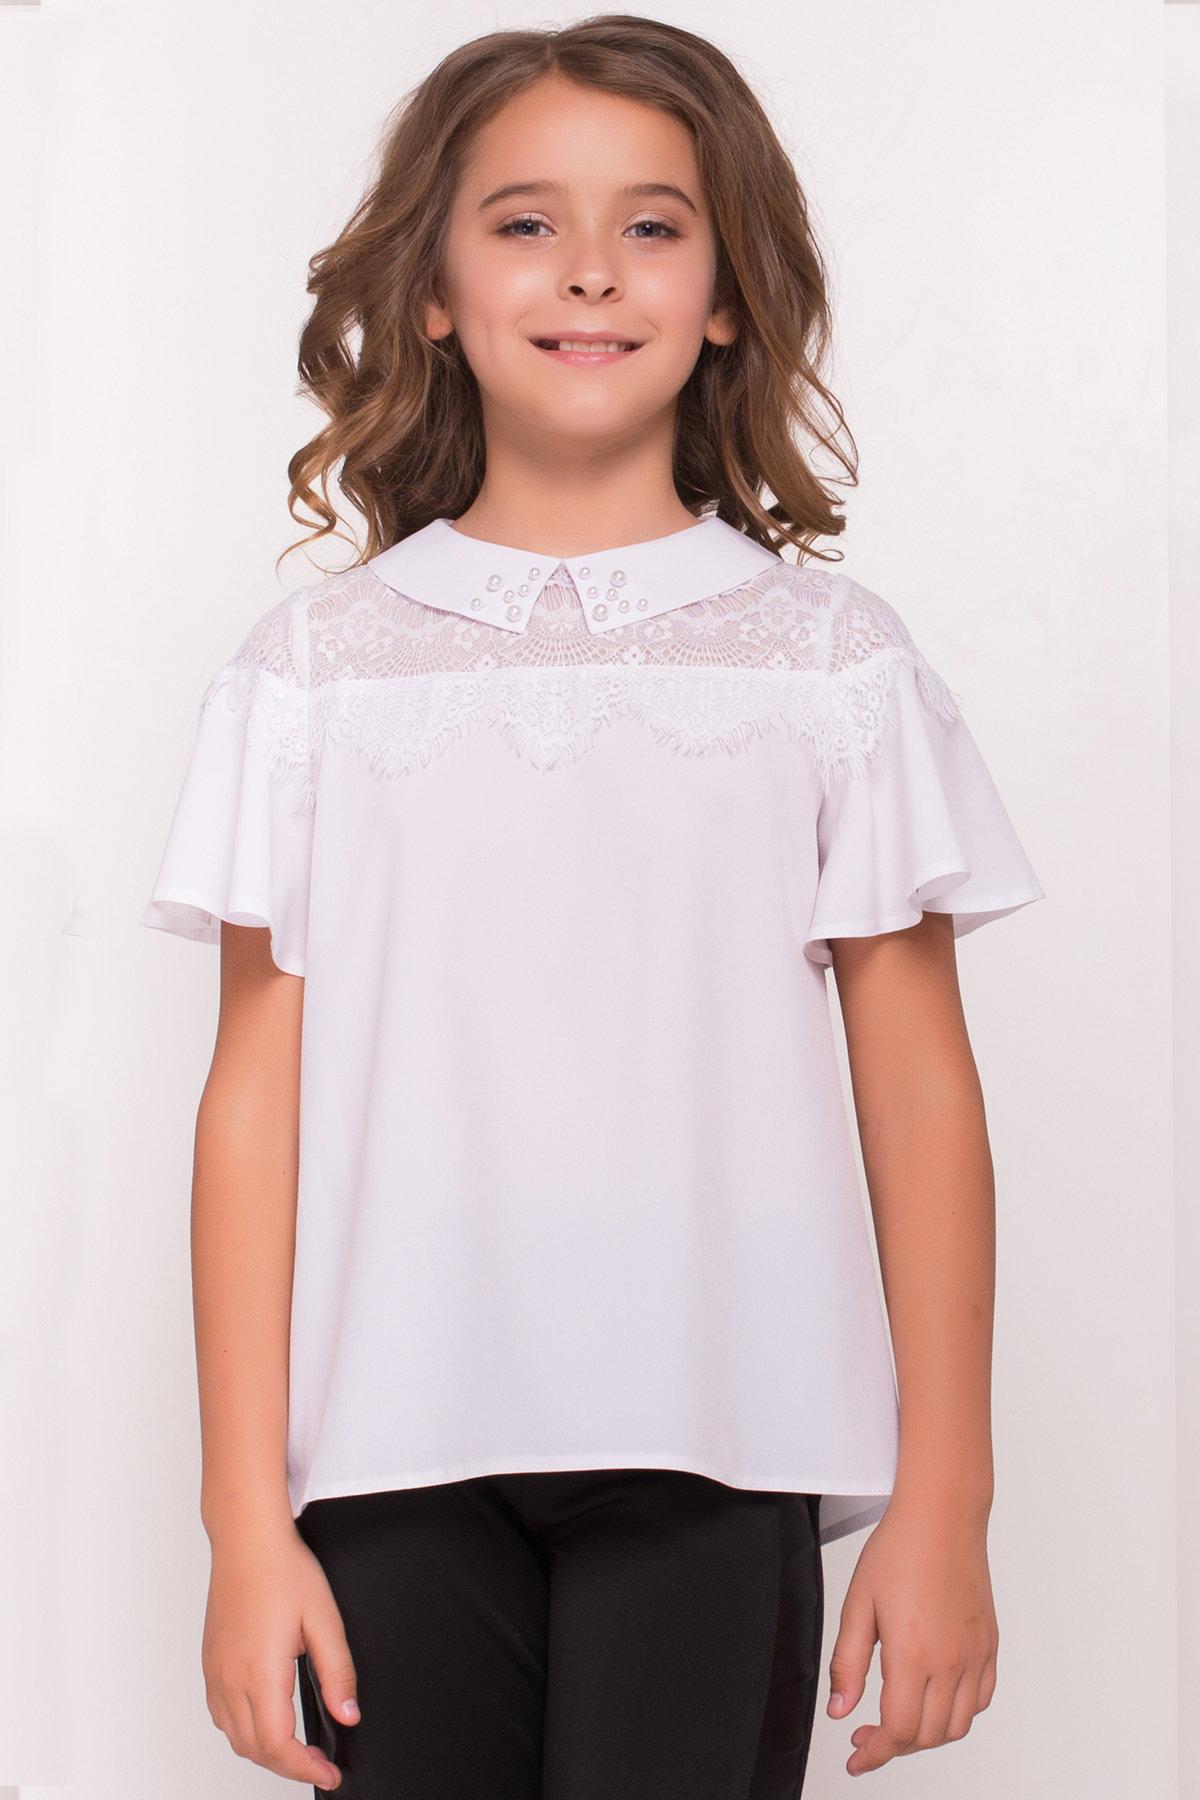 Блузка детская Ореанда 5193 АРТ. 36280 Цвет: Белый - фото 1, интернет магазин tm-modus.ru